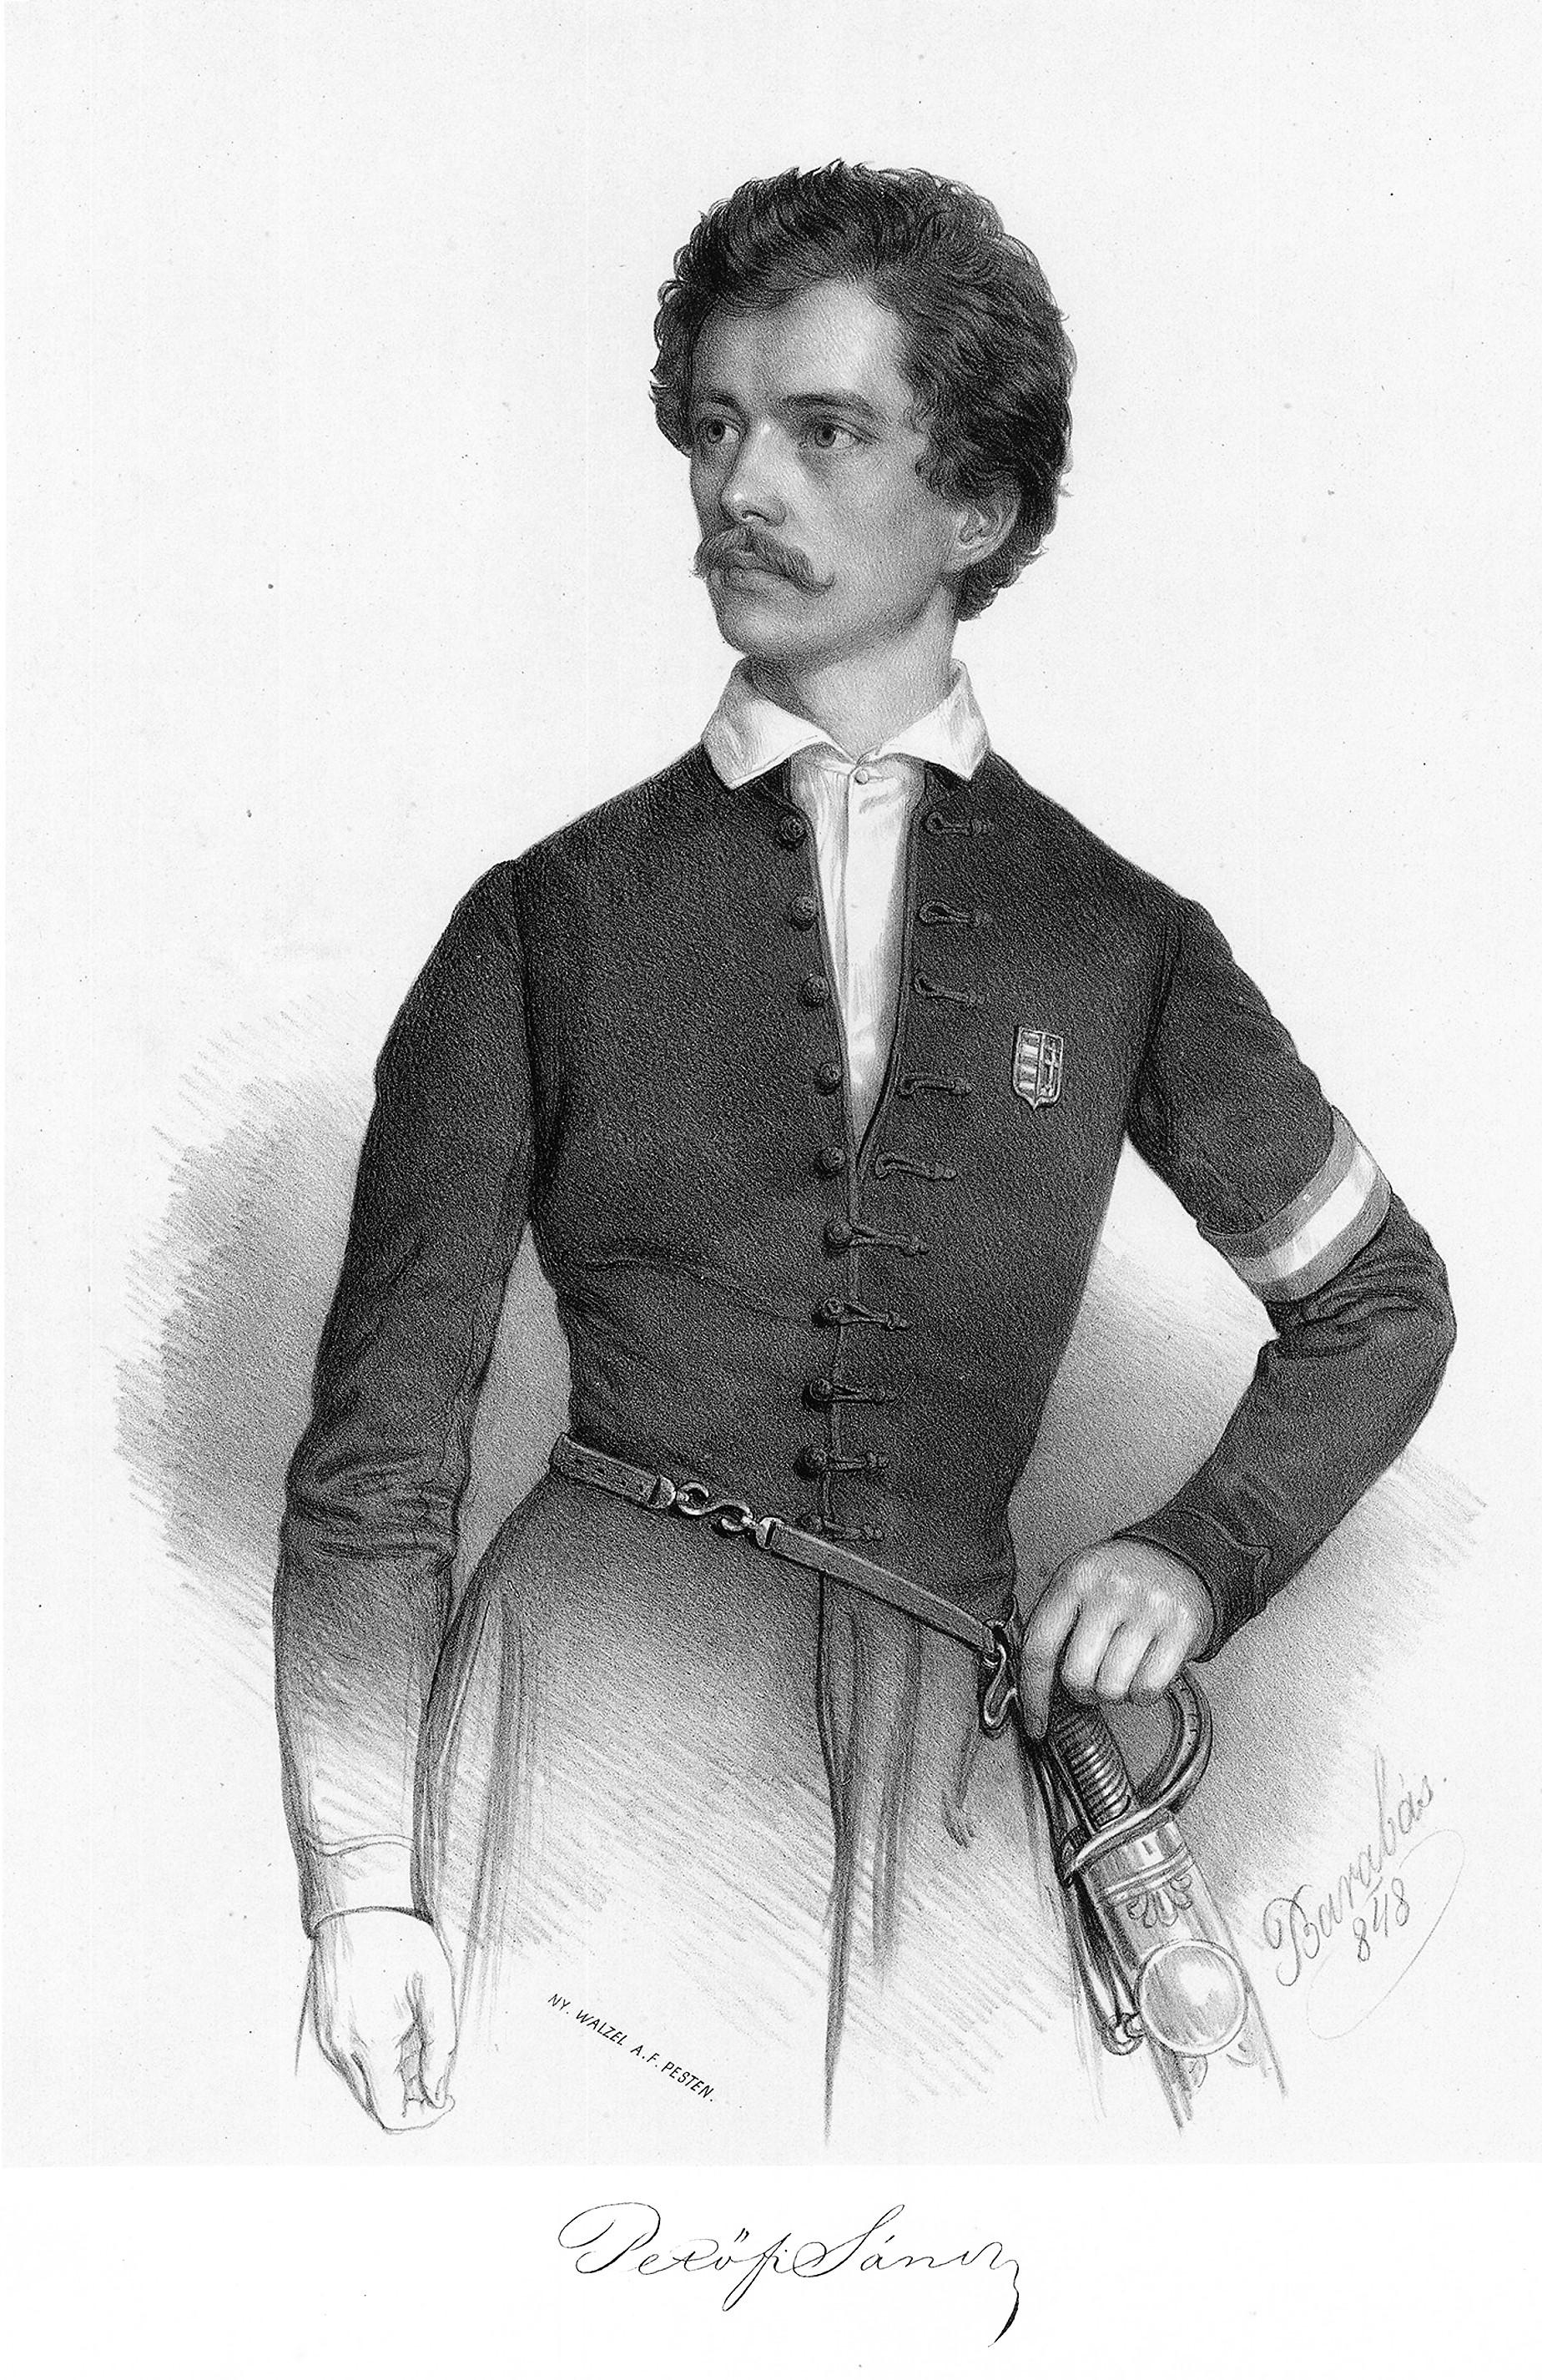 Fájl:Barabás Petőfi.jpg – Wikipédia